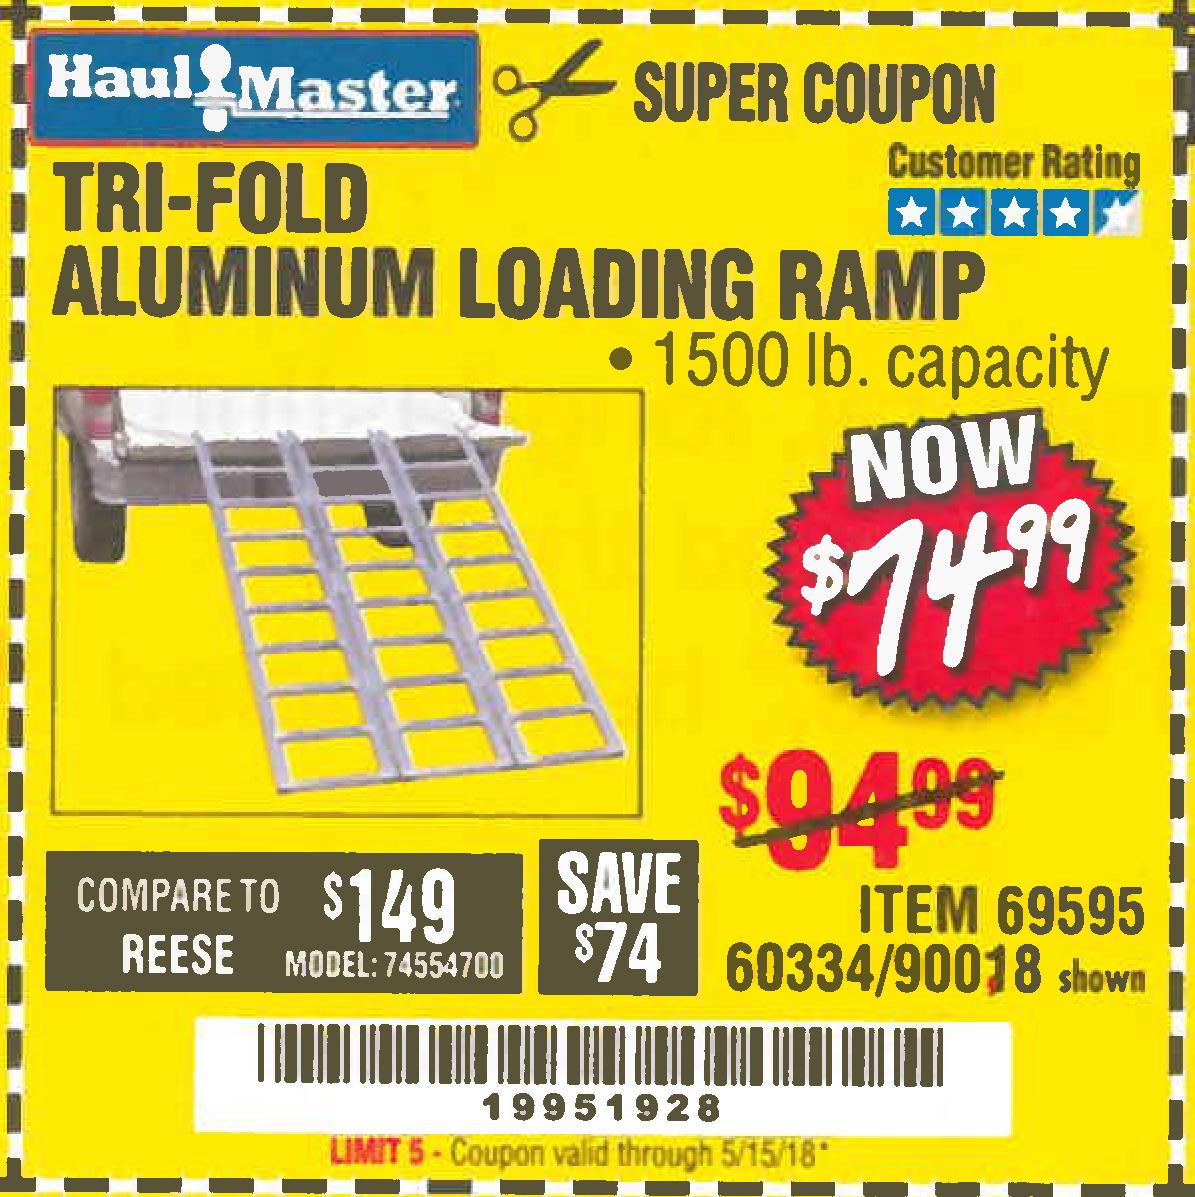 Discount ramp coupons